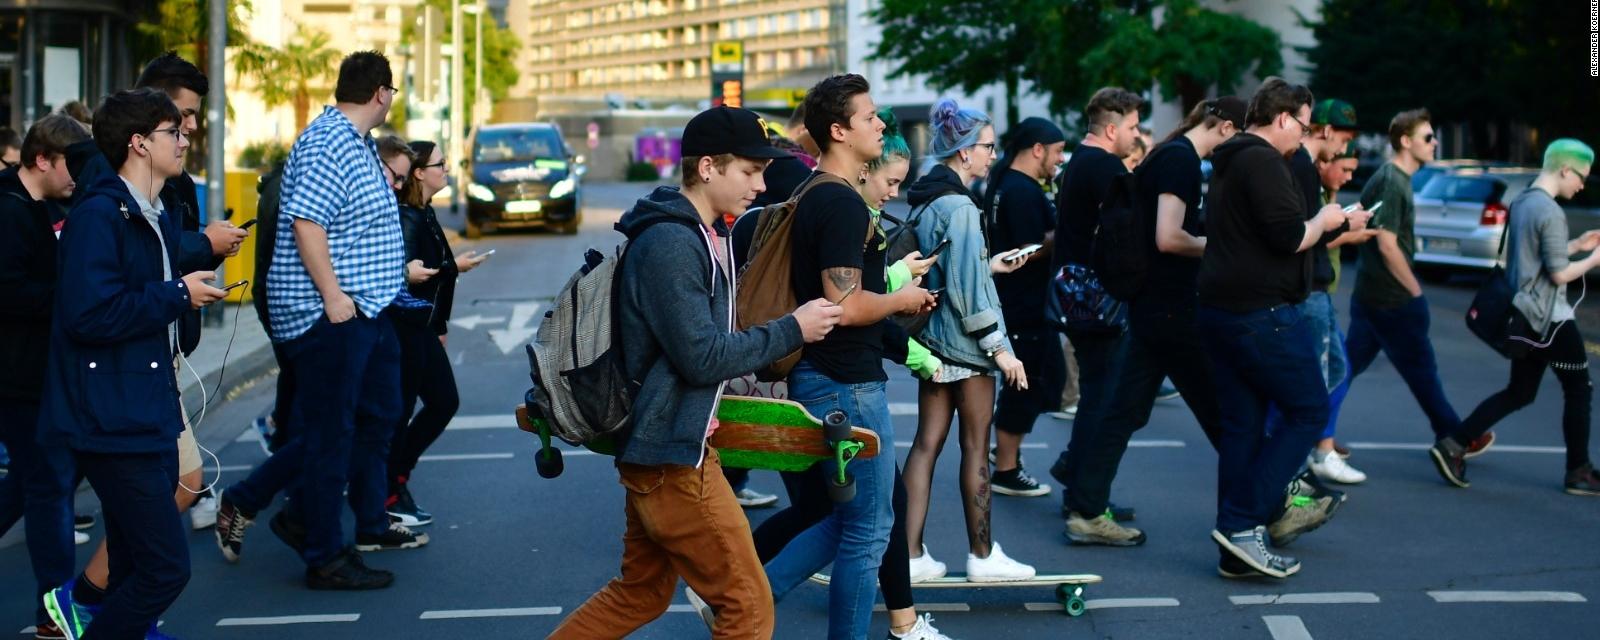 Resultado de imagem para pessoas usando celular nas ruas